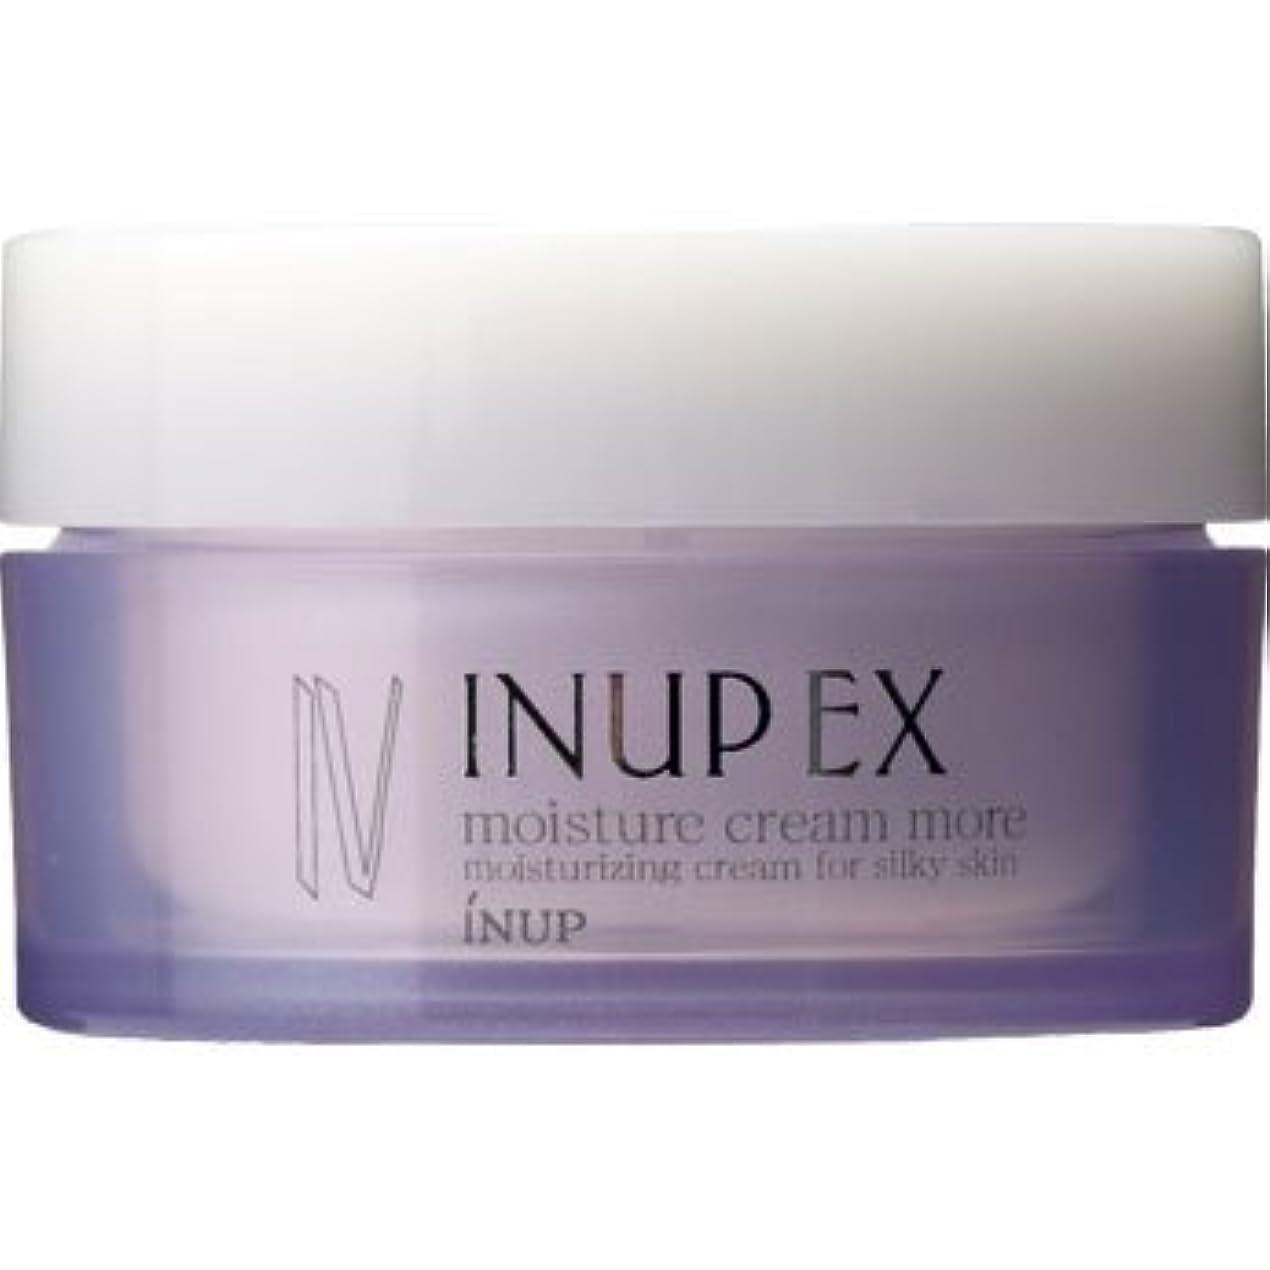 シチリア作者階インナップEX 保湿クリーム (潤い効果アップ) モイスチャークリーム MD (スパチュラ付)[弱酸性] 30g